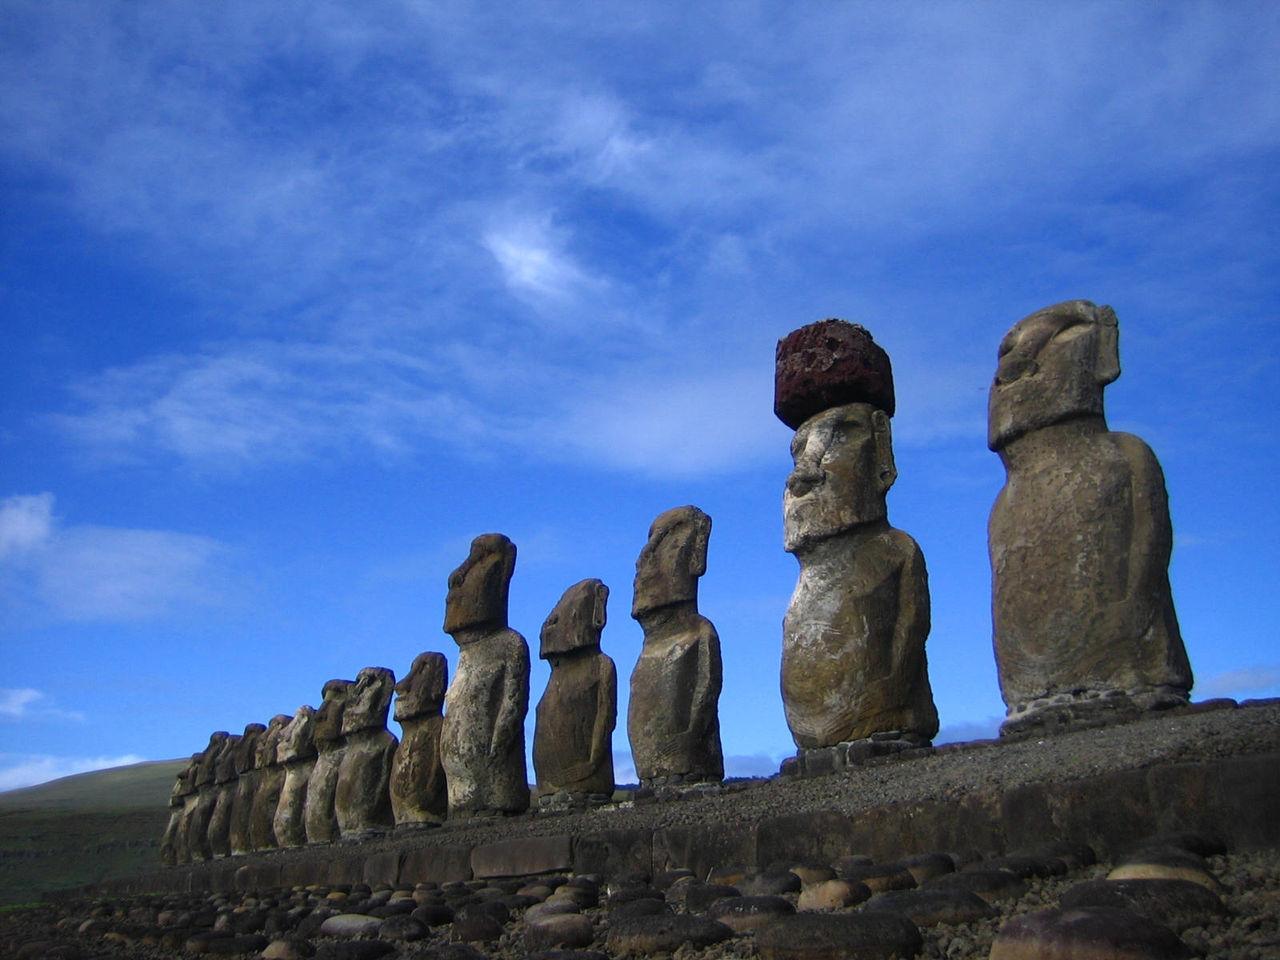 神々からのメッセージ   イースター島に立つモアイ像からのメッセージ:この島の住民の苦悩と自滅に注目せよ。コメント                        Rinokia